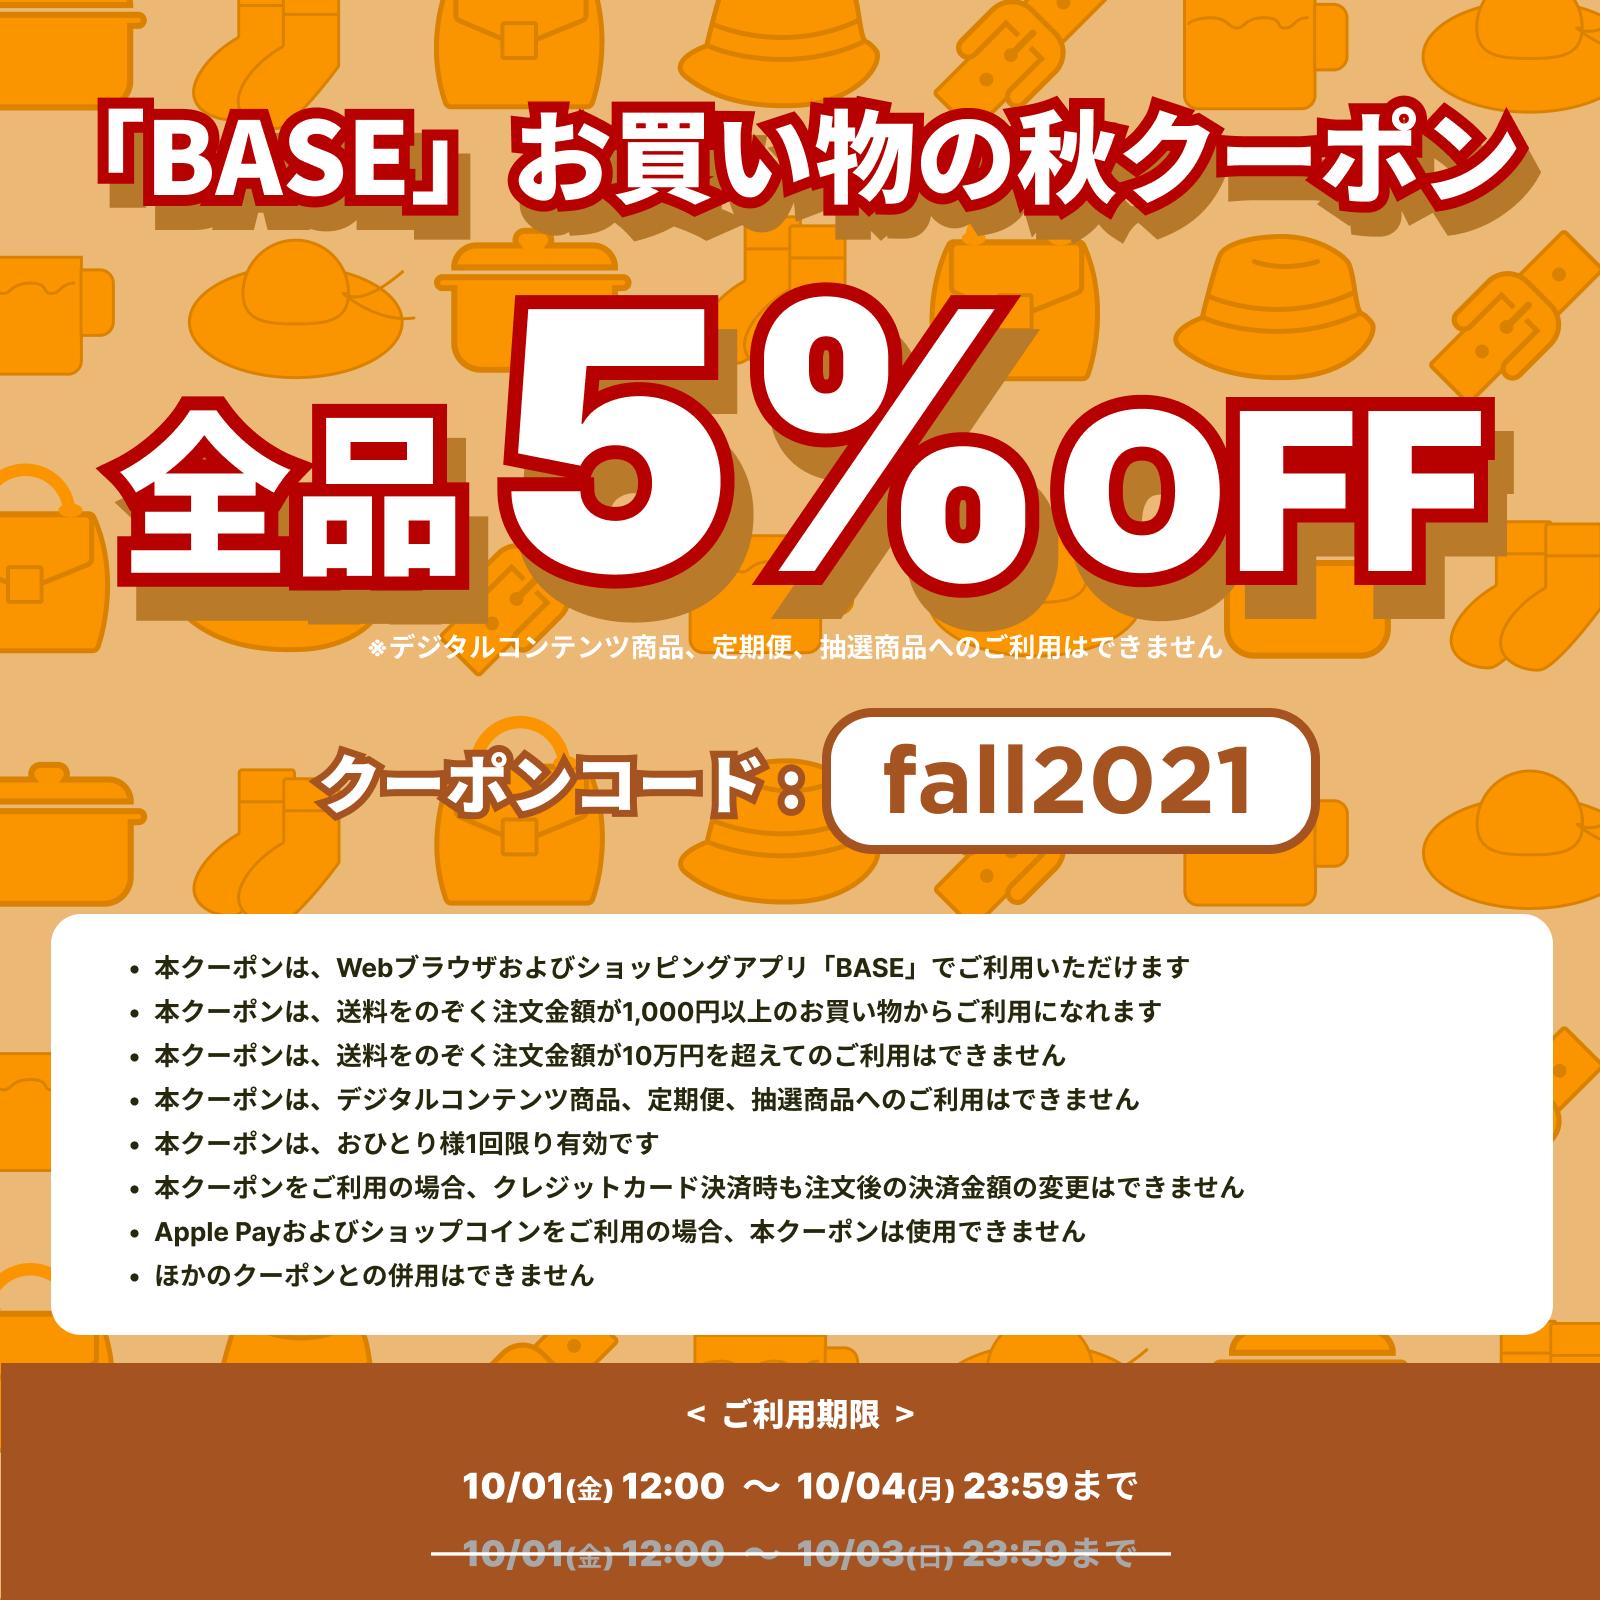 【10/1~10/4 期間限定】 秋クーポンキャンペーン! お得な5%OFFクーポン